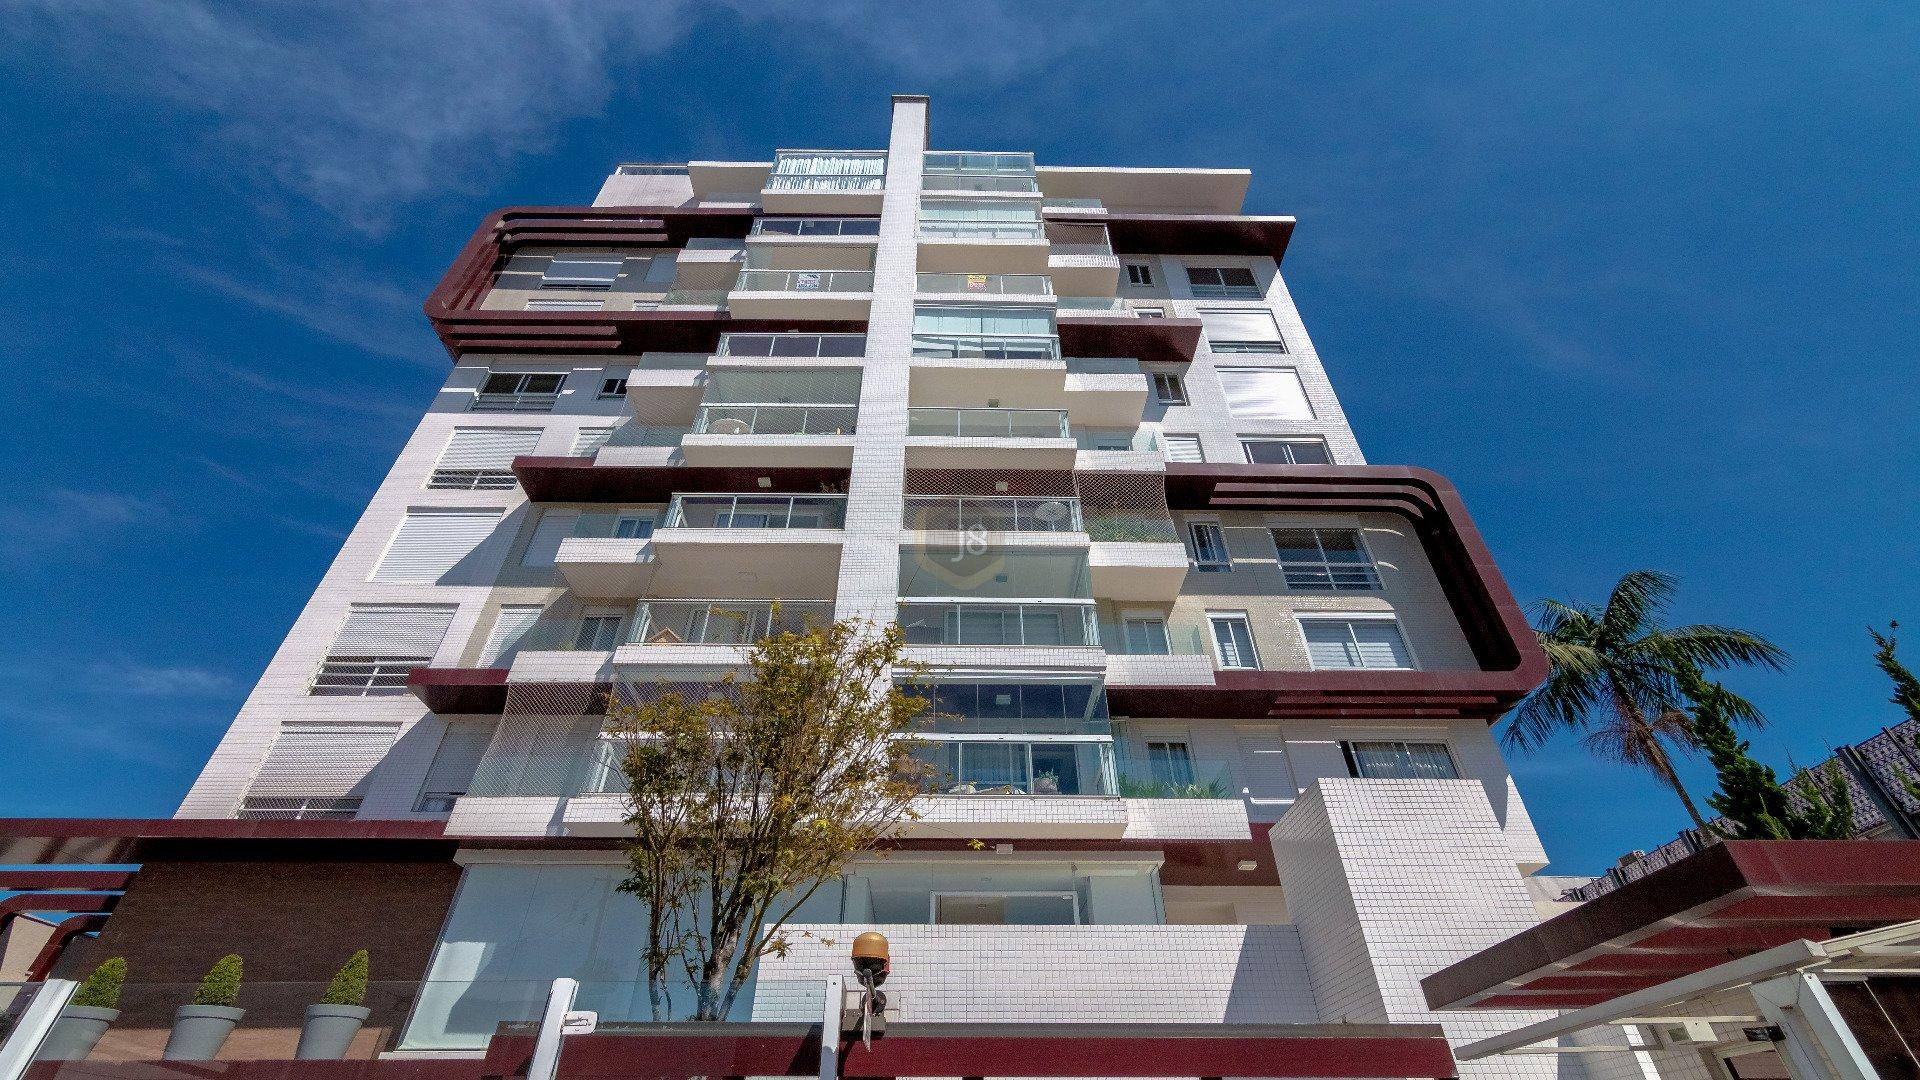 Foto de destaque Prático e bem localizado, apartamento com 4 quartos  !